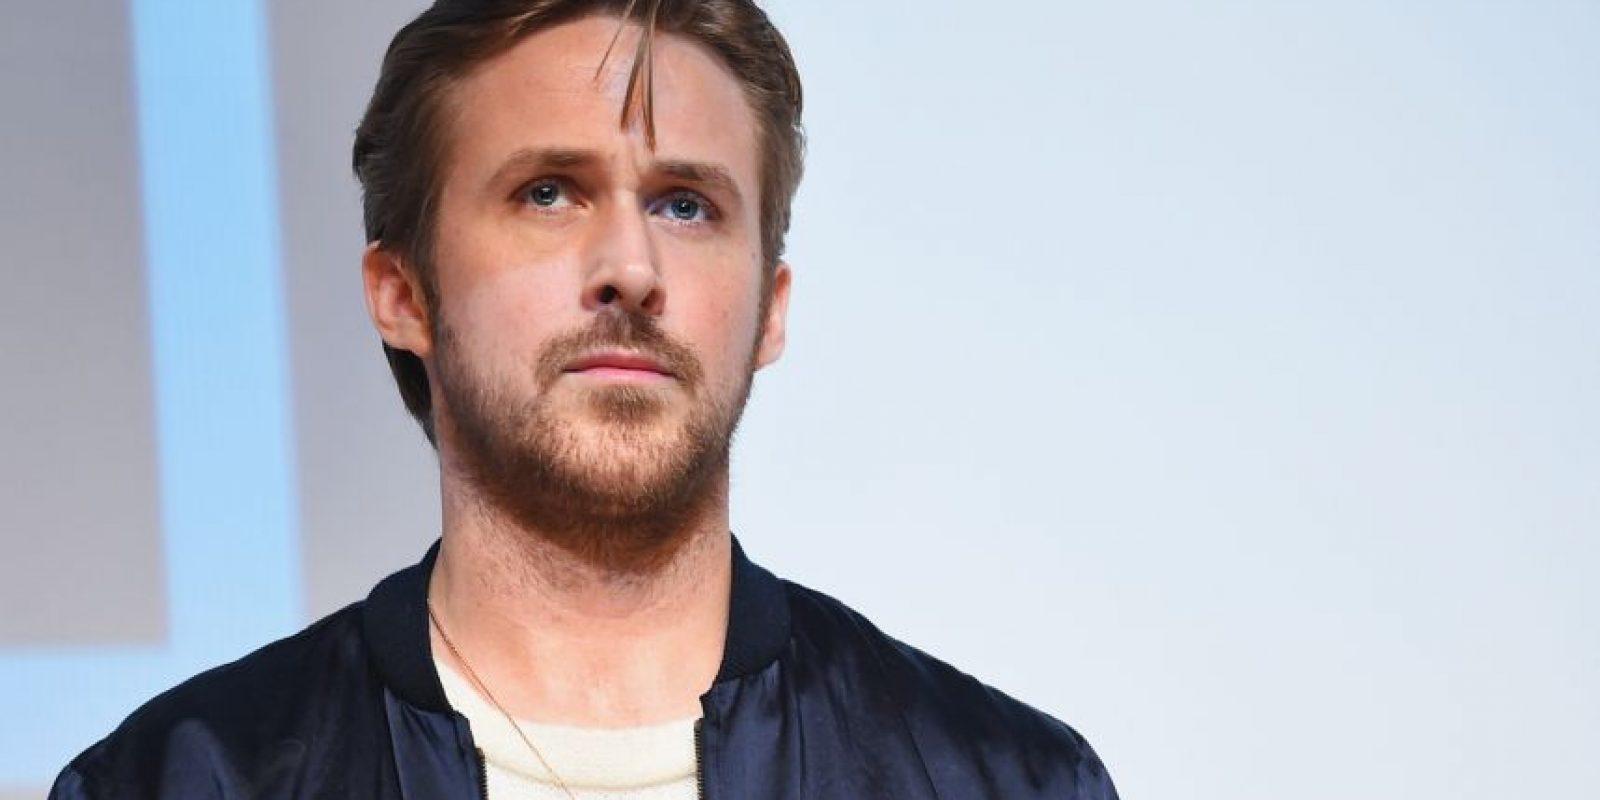 """""""La única conclusión que veo a todo esto es que Ryan Gosling responda. Aunque solo sea él comiéndose unos cereales"""", dijo. Foto:Getty Images"""